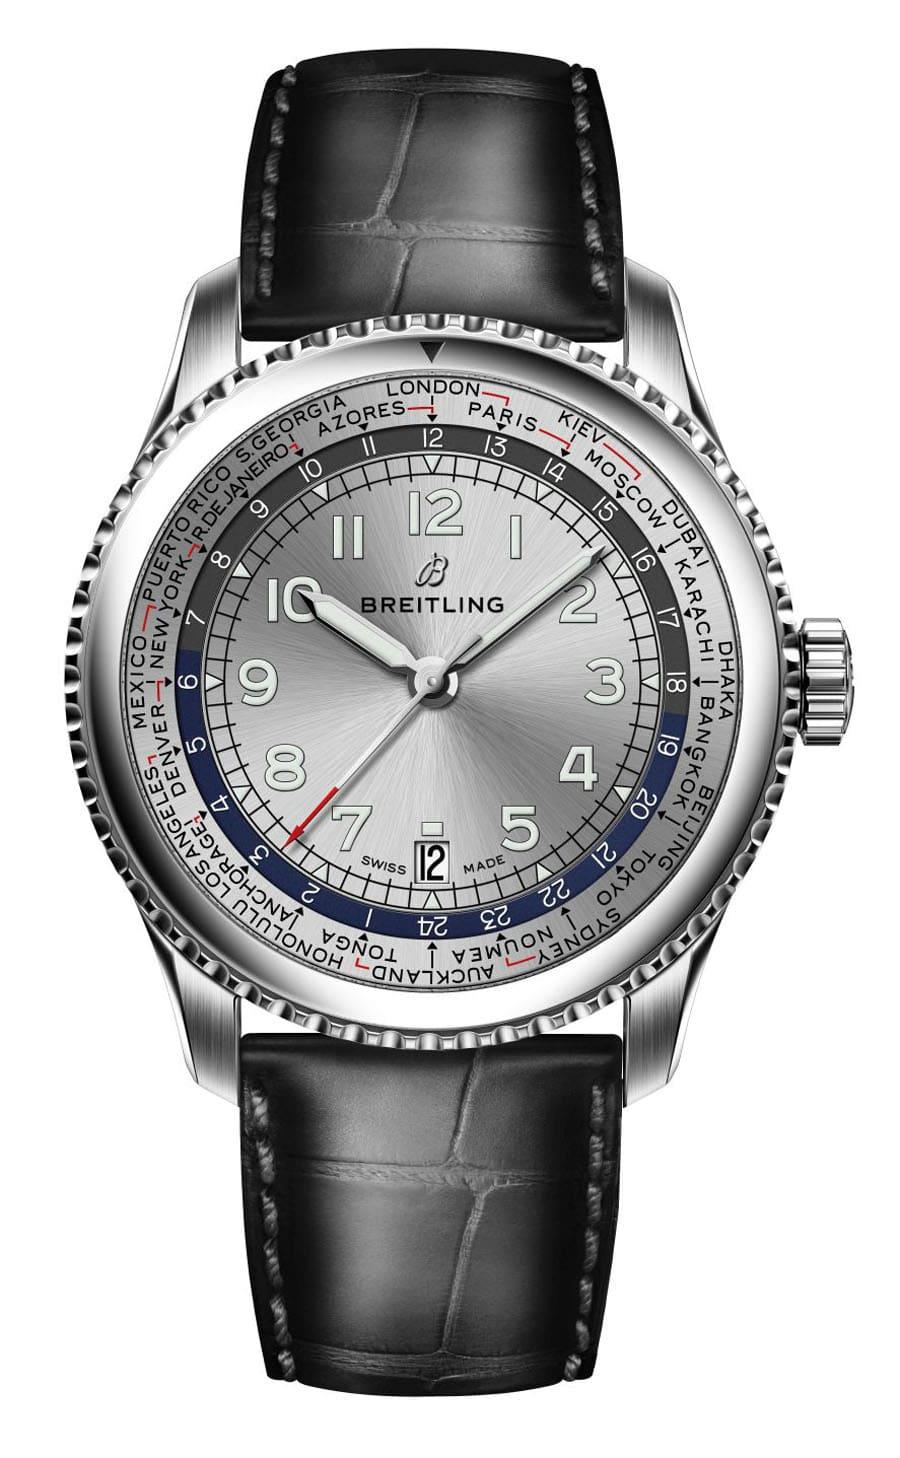 Die Breitling Aviator 8 Unitime zeigt die 24 ganzstündigen Standardzeitzonen inklusive etwaiger Sommerzeiten an (Edelstahl, 43 mm, Kaliber B35, Automatik)